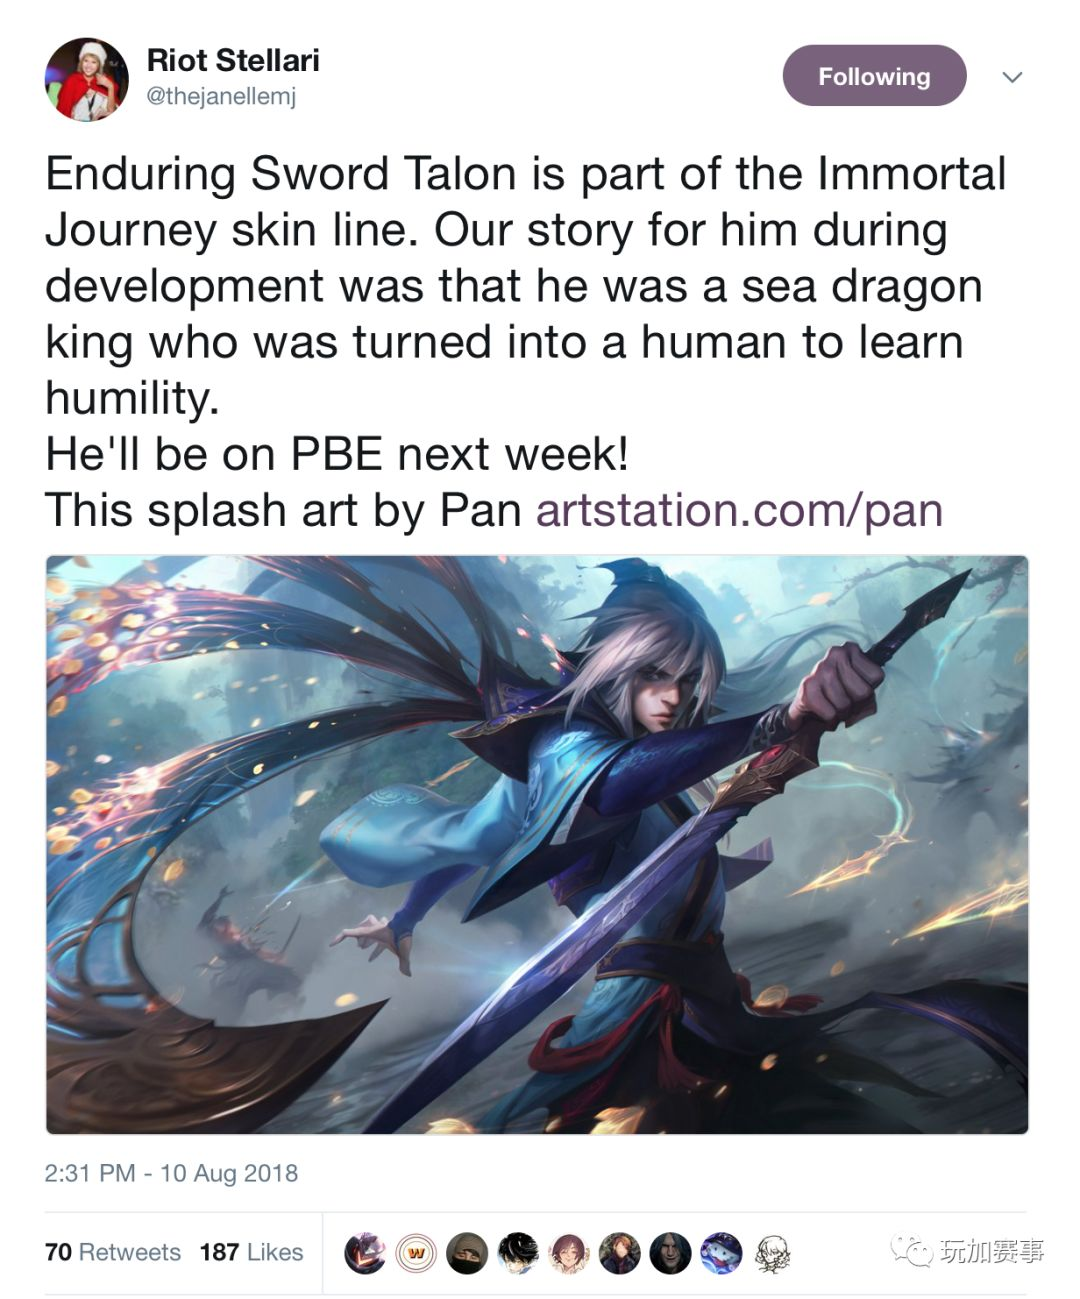 玉剑传说迎来刀妹男刀!皮肤故事更新剑姬单恋剑圣组CP?